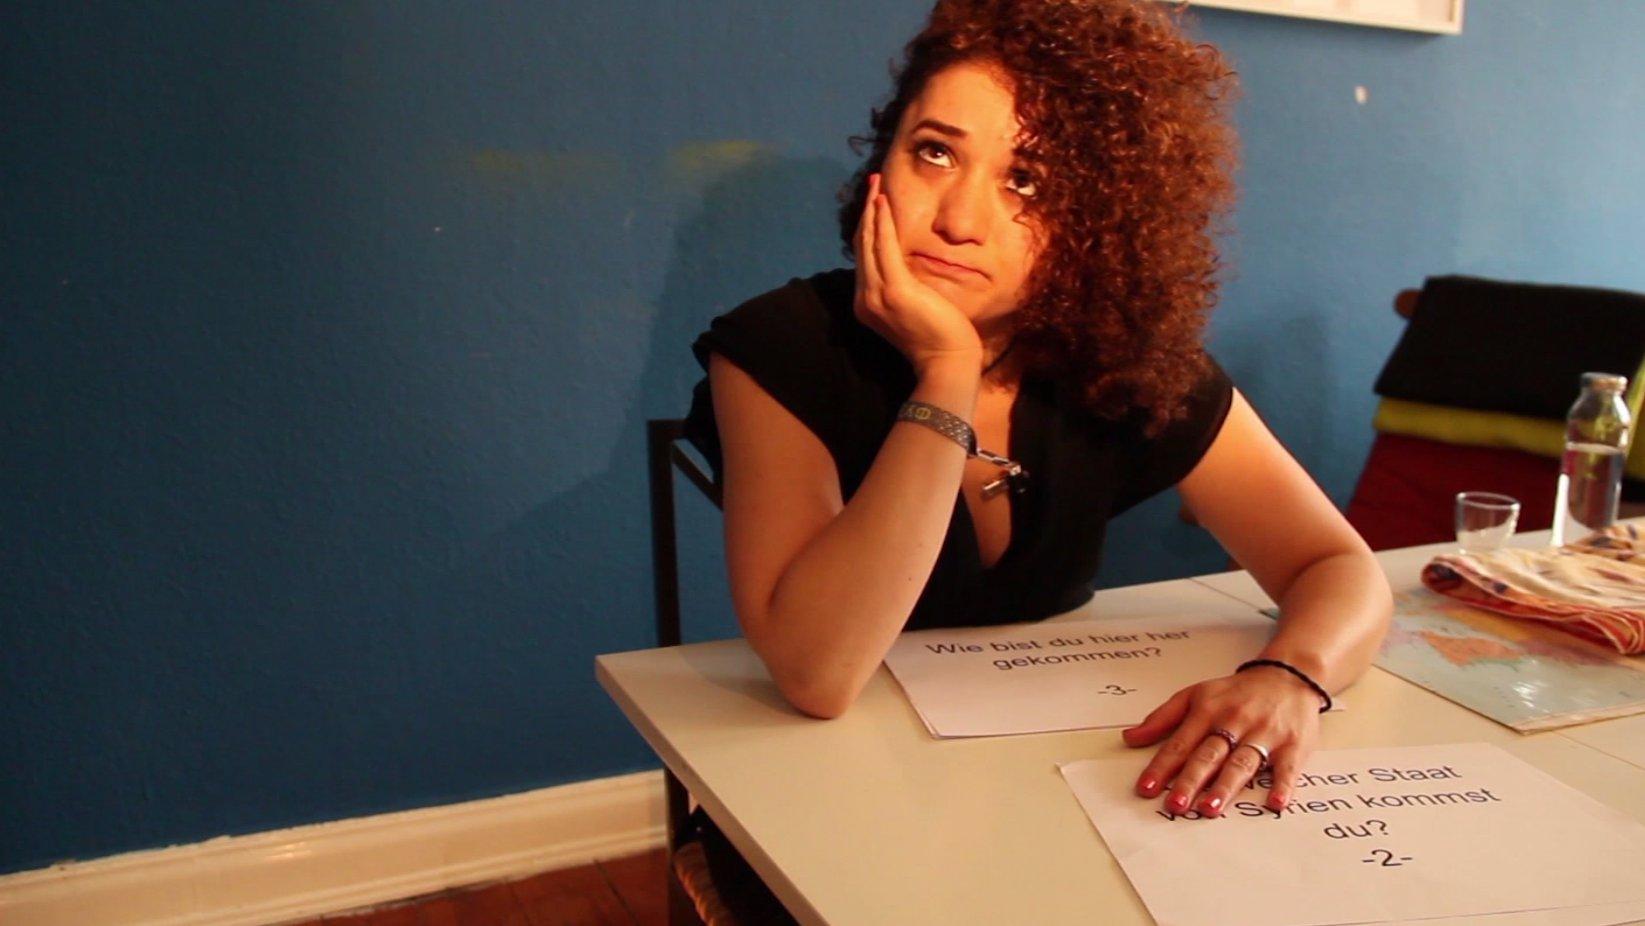 Kolumne: Roshak über dei Top 10 Fragen an Syrische Flüchtlinge